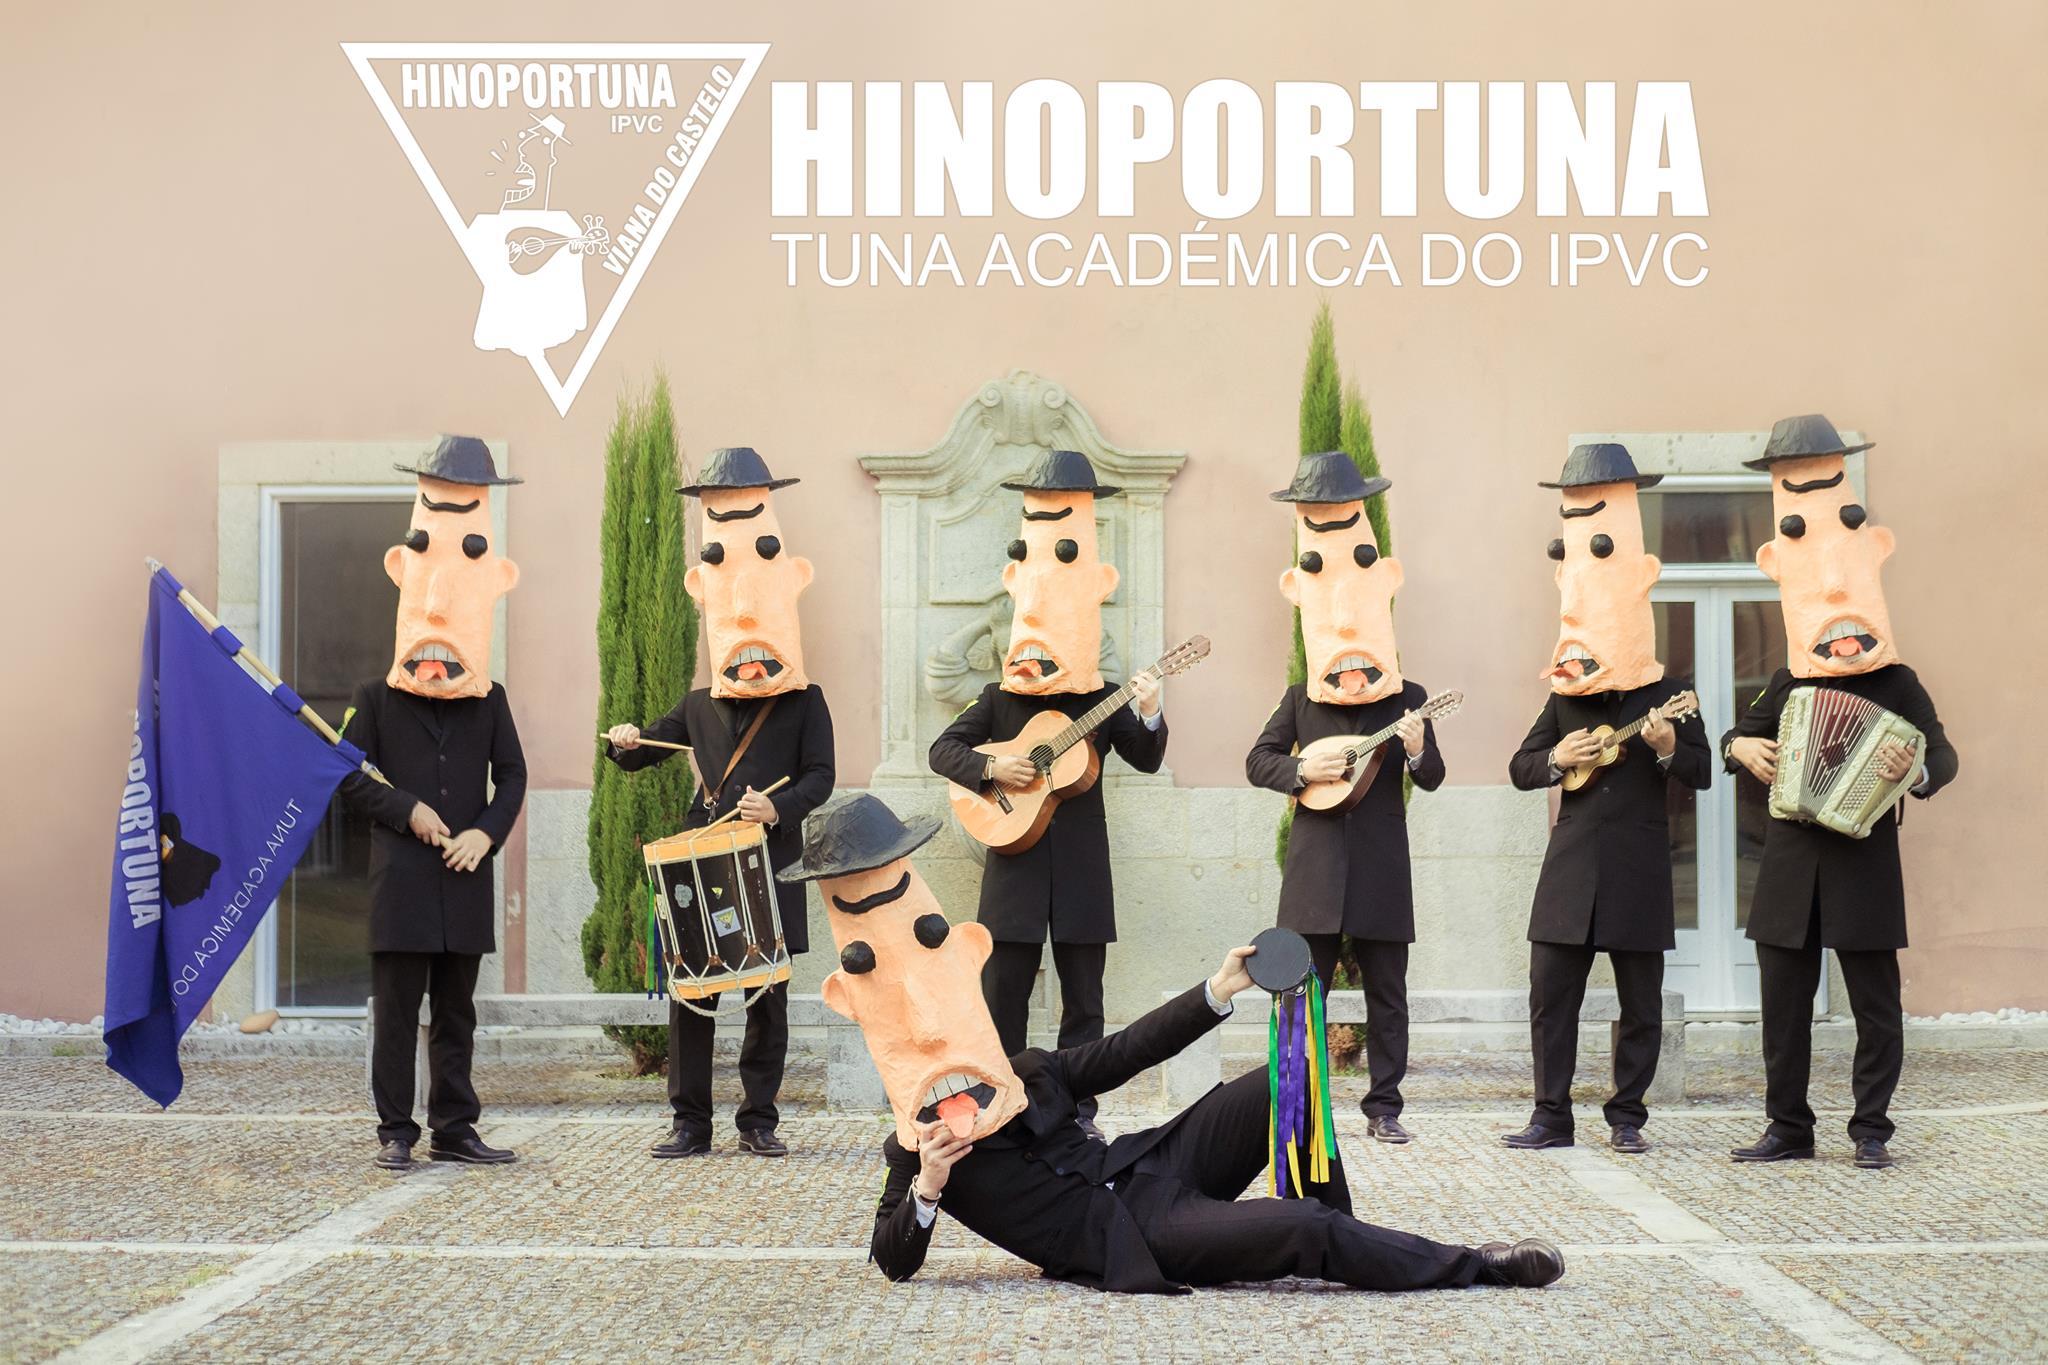 Hinoportuna